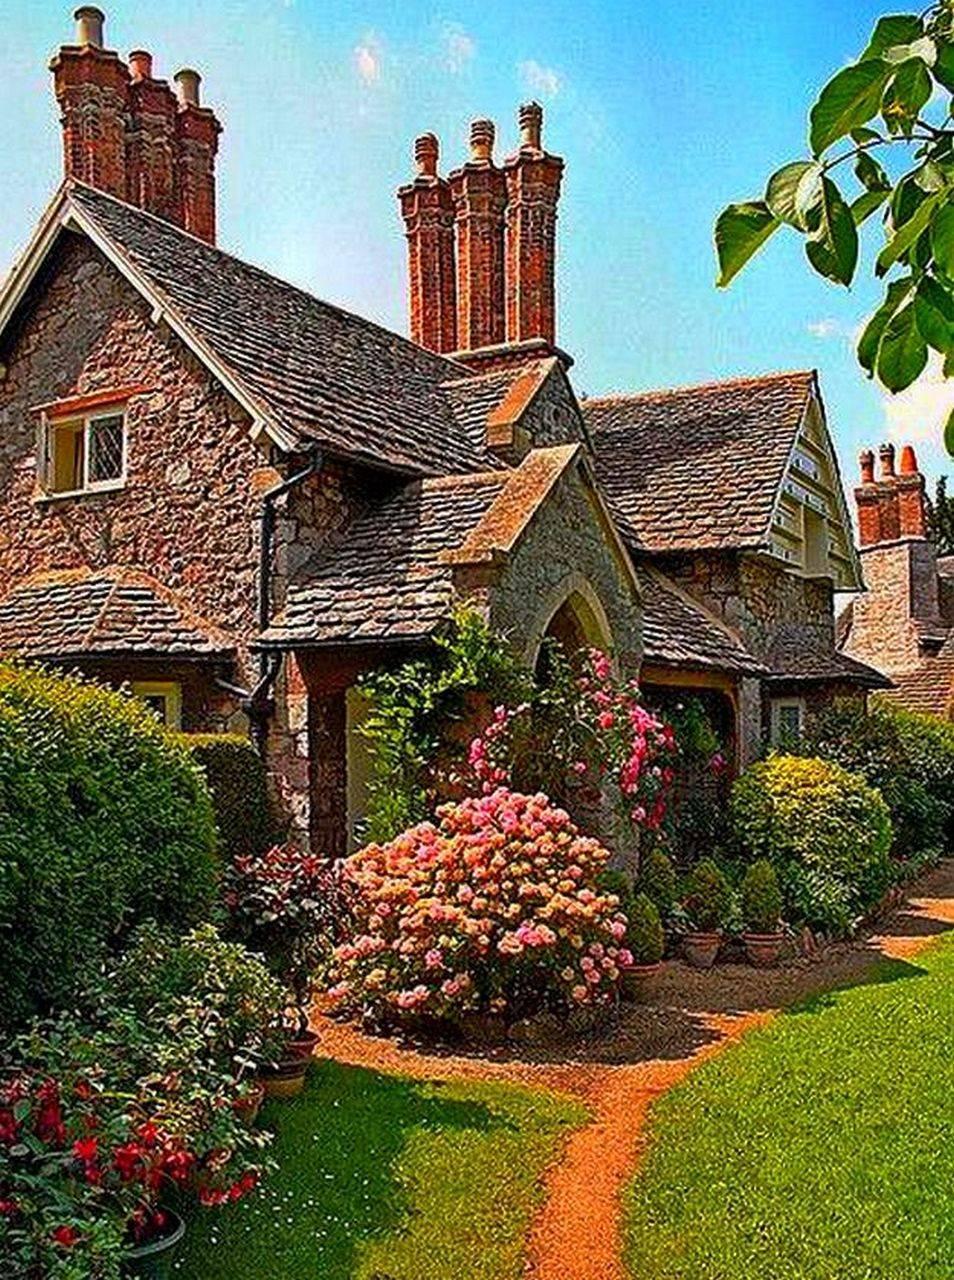 Дом по английски: фото, видео, проекты домов в английском стиле